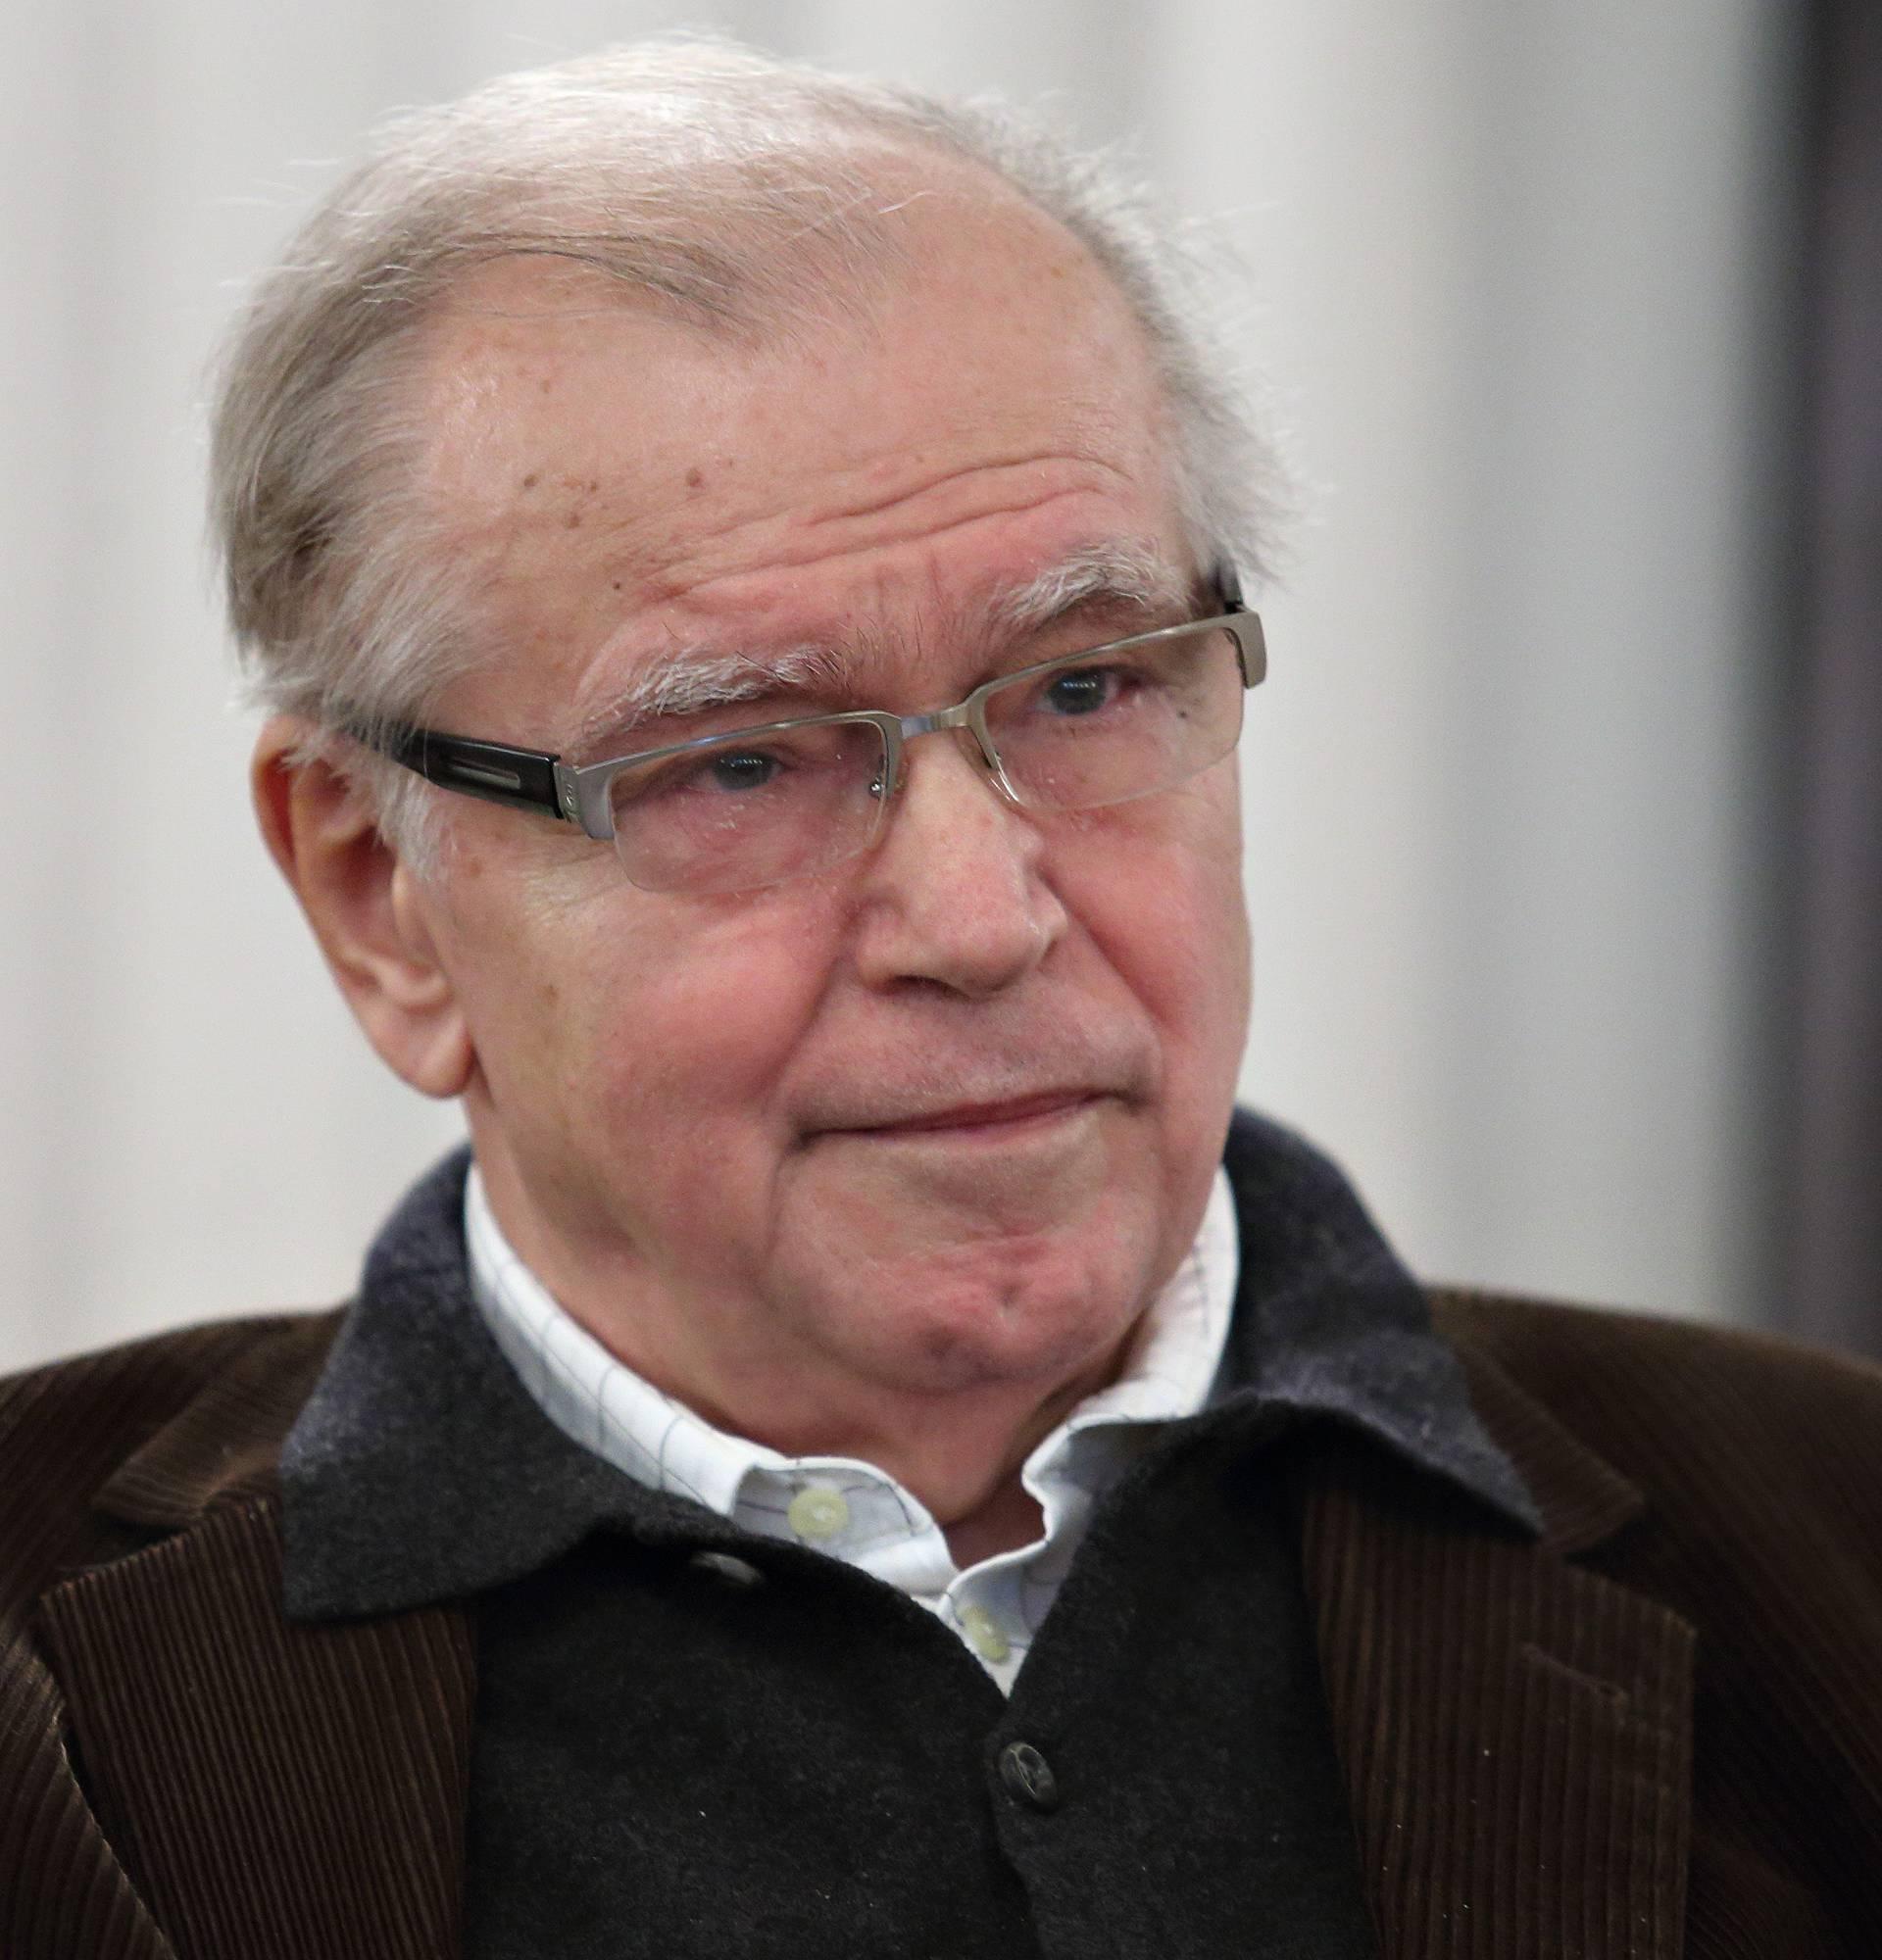 Preminuo je novinar, urednik i diplomat Dražen Vukov Colić